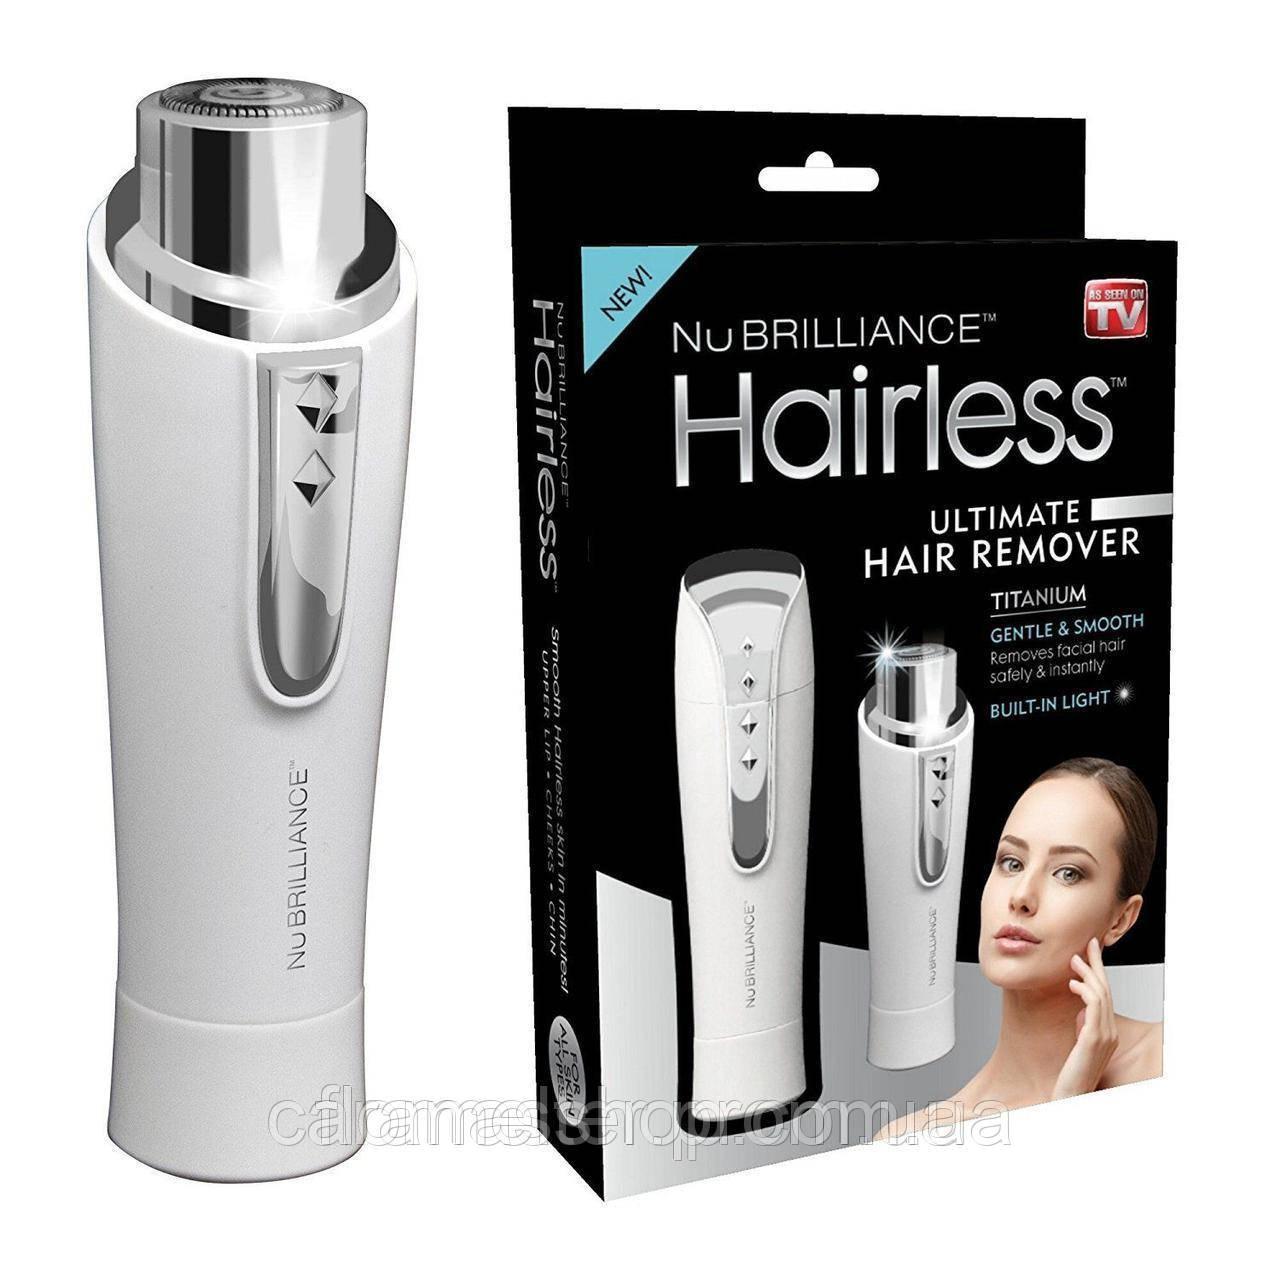 Женская компактная электробритва депилятор триммер для лица NuBrilliance Hairless